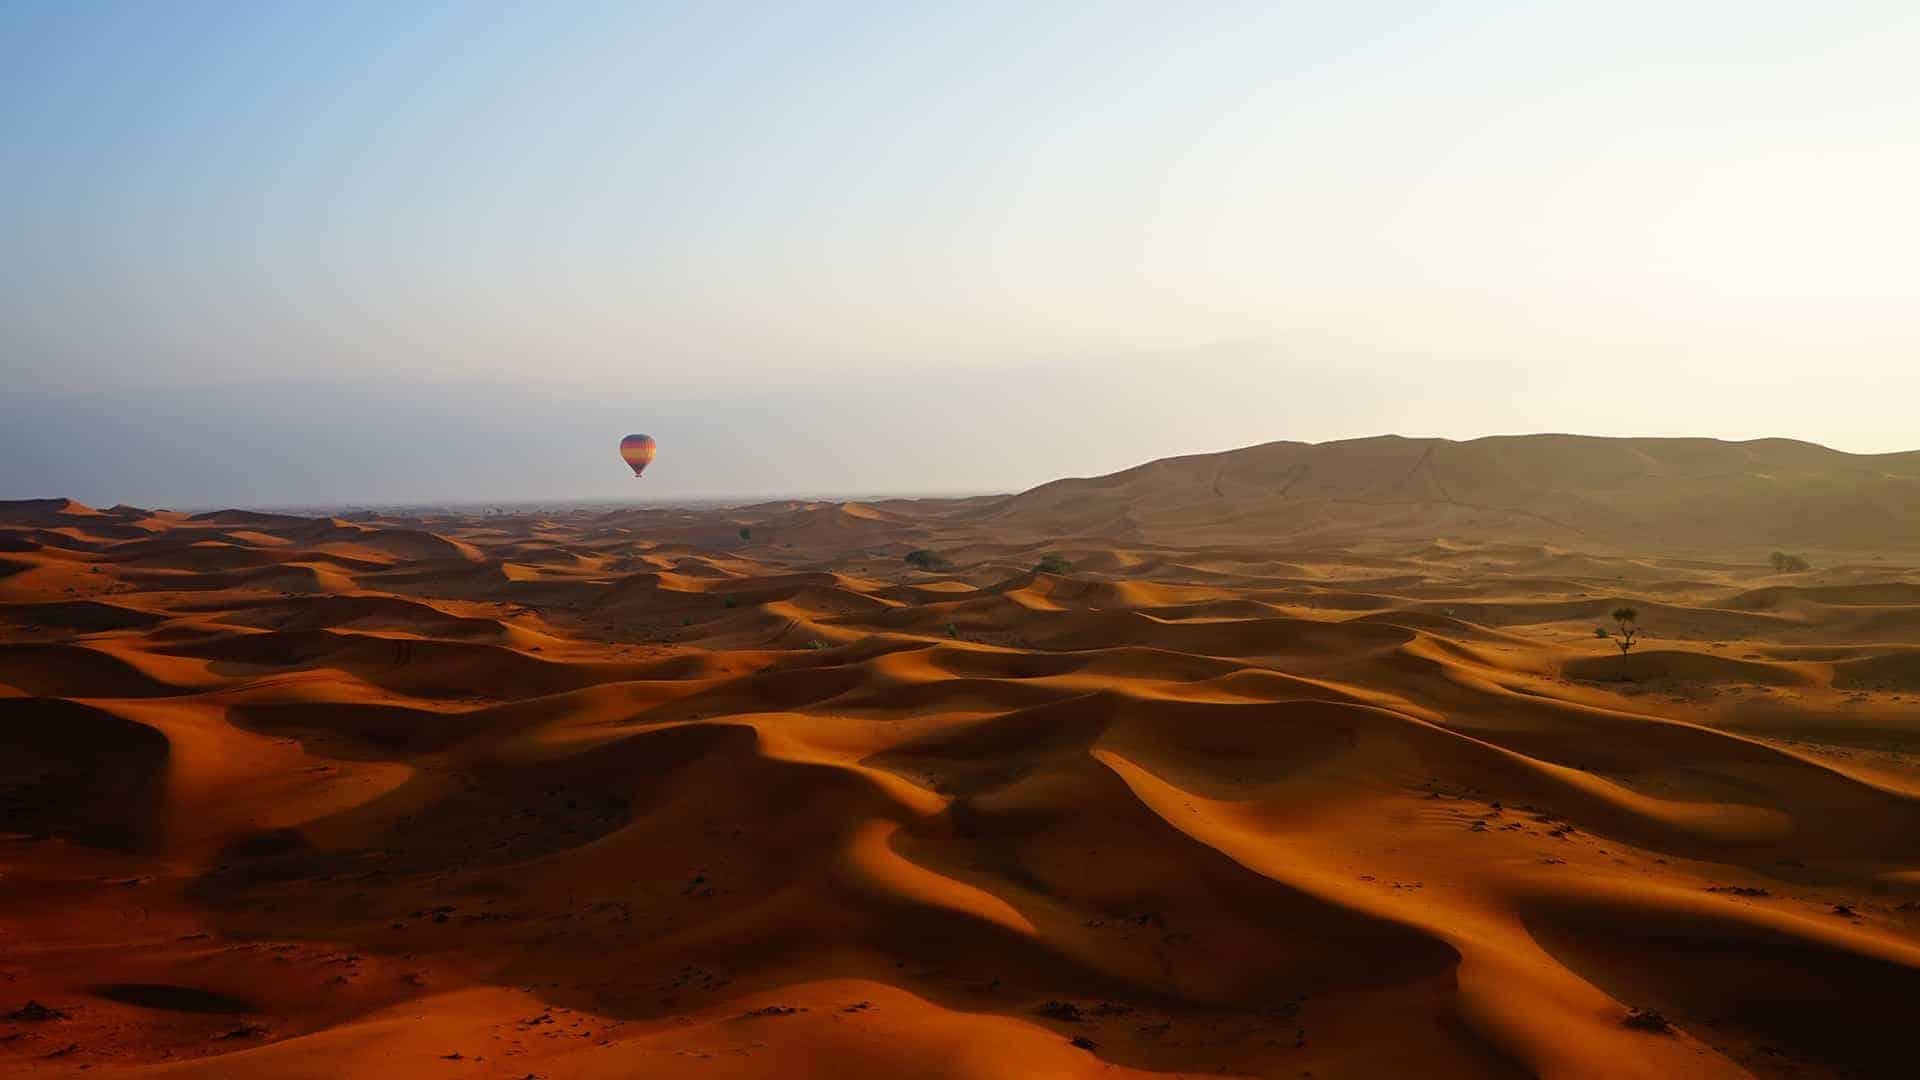 vol montgolfiere dubai